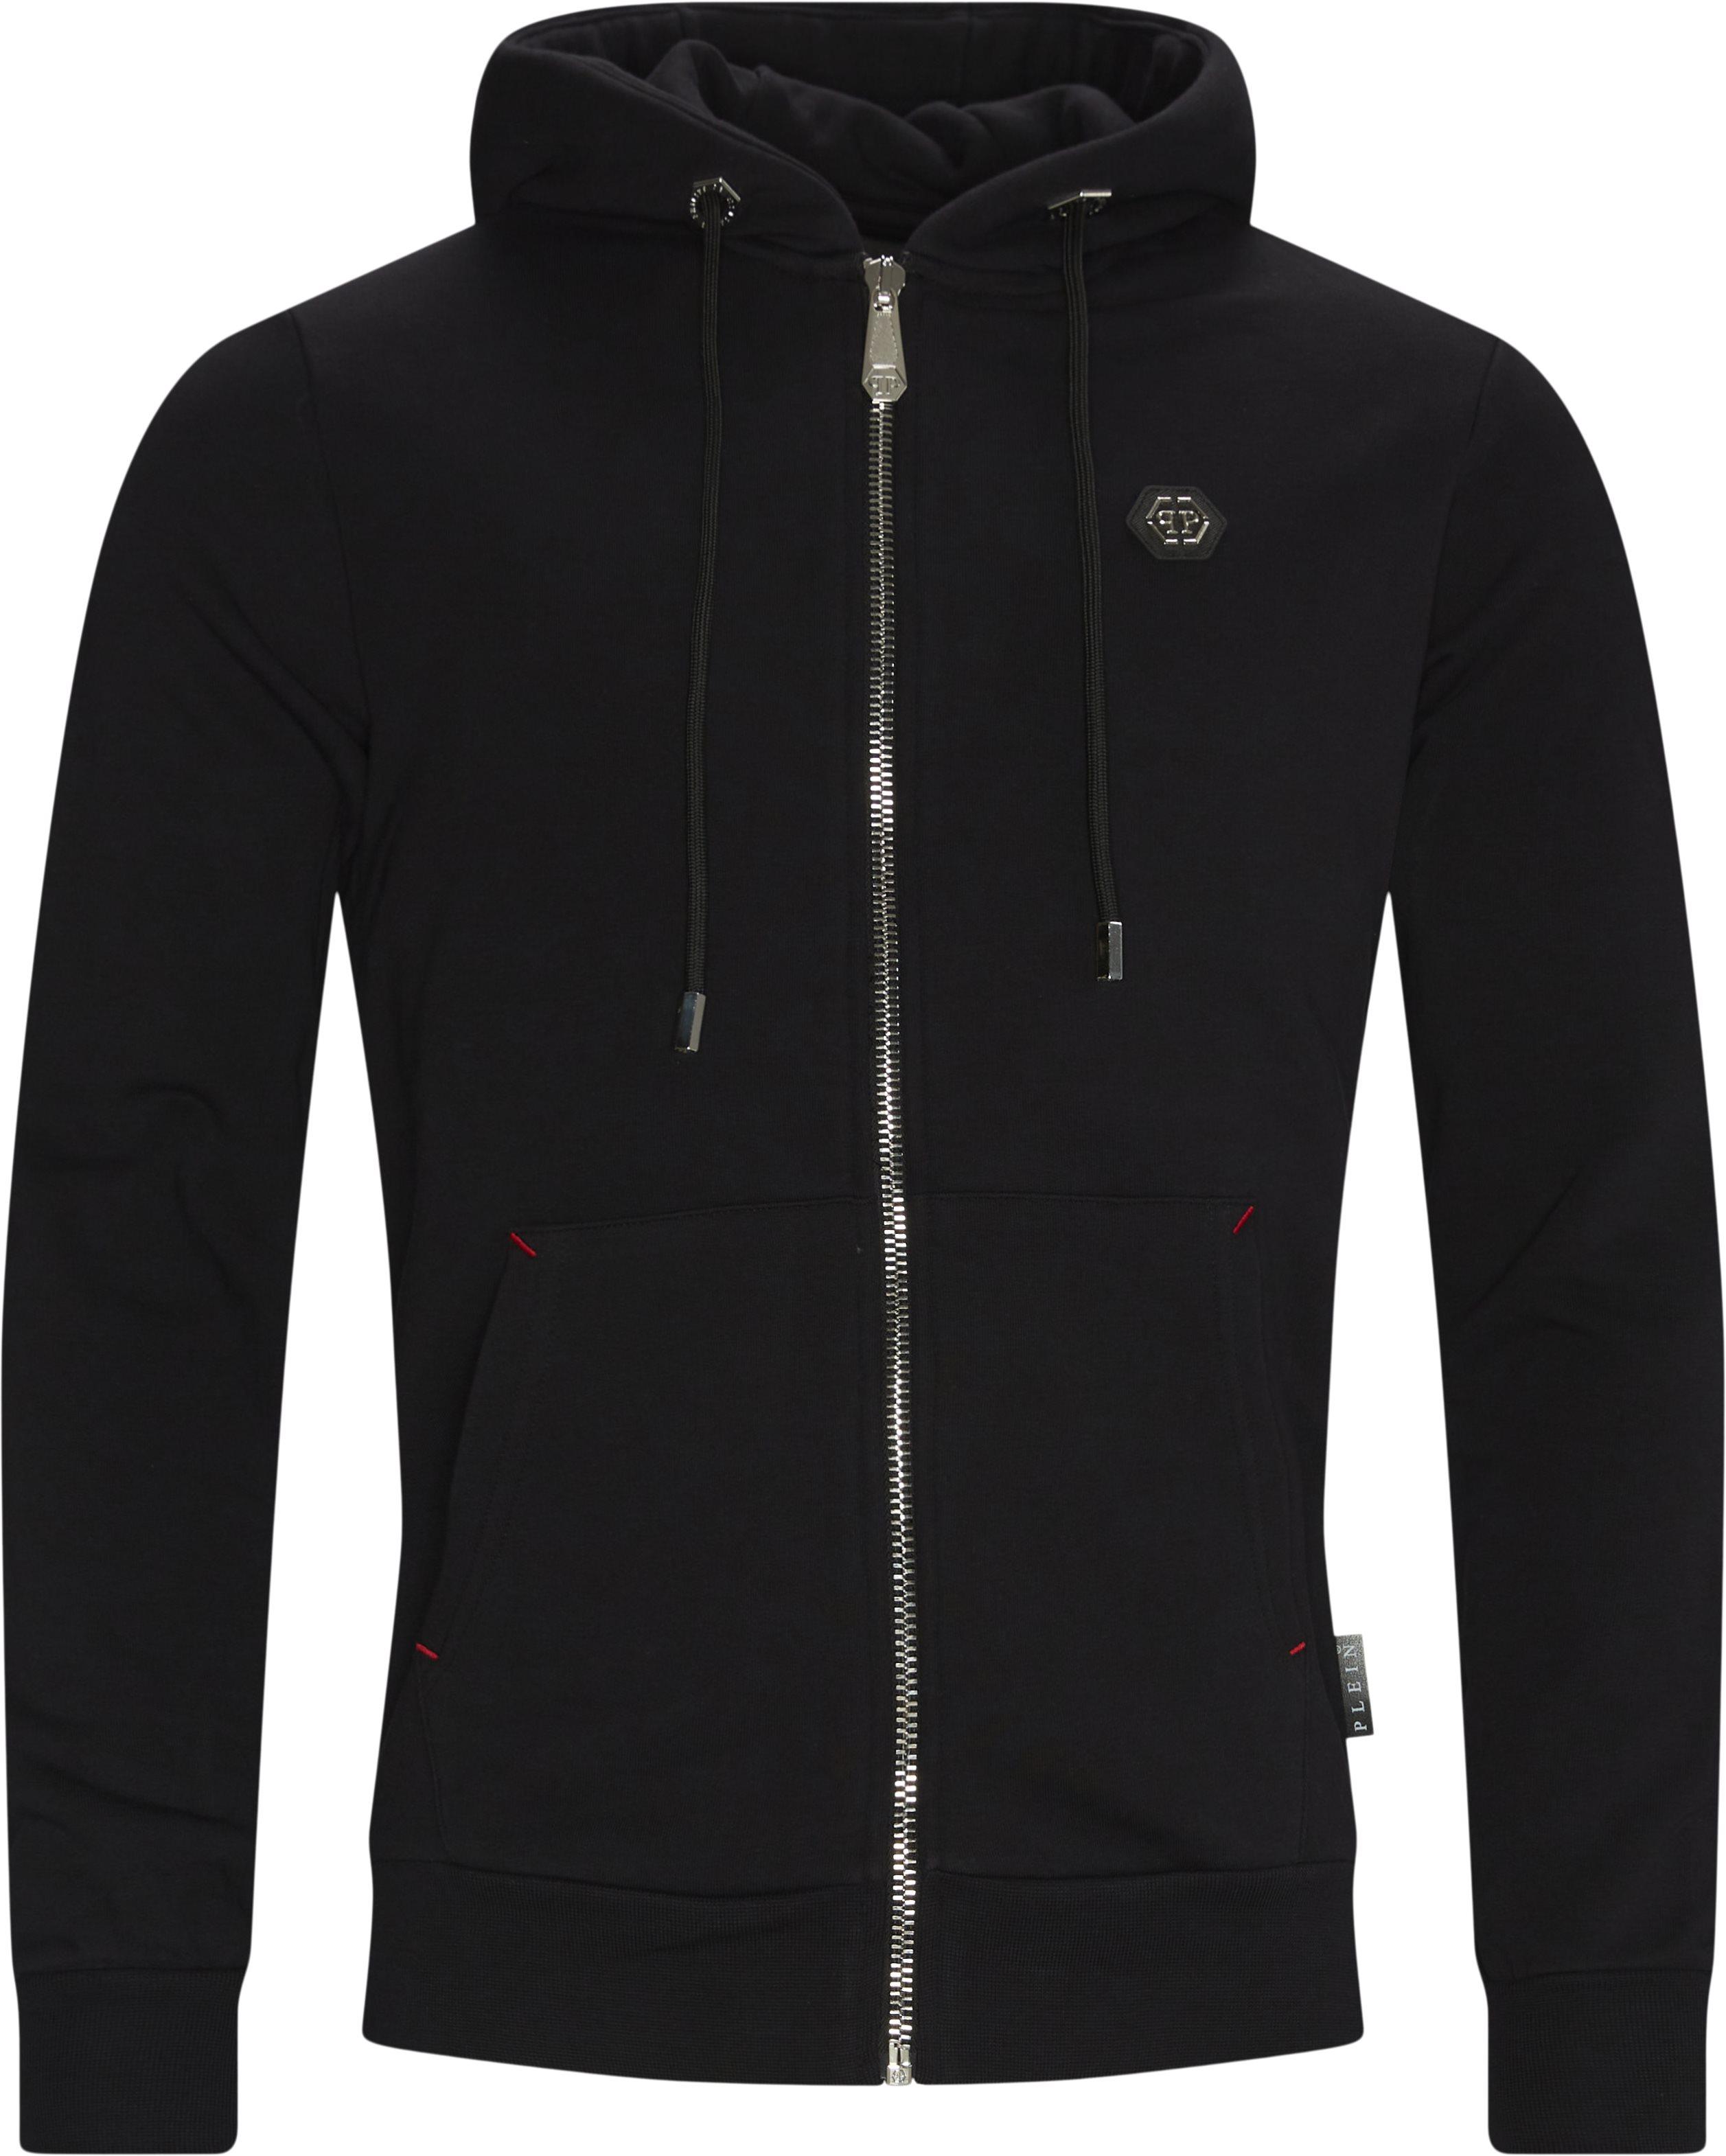 Hoodie Sweat Jacket - Sweatshirts - Loose fit - Sort